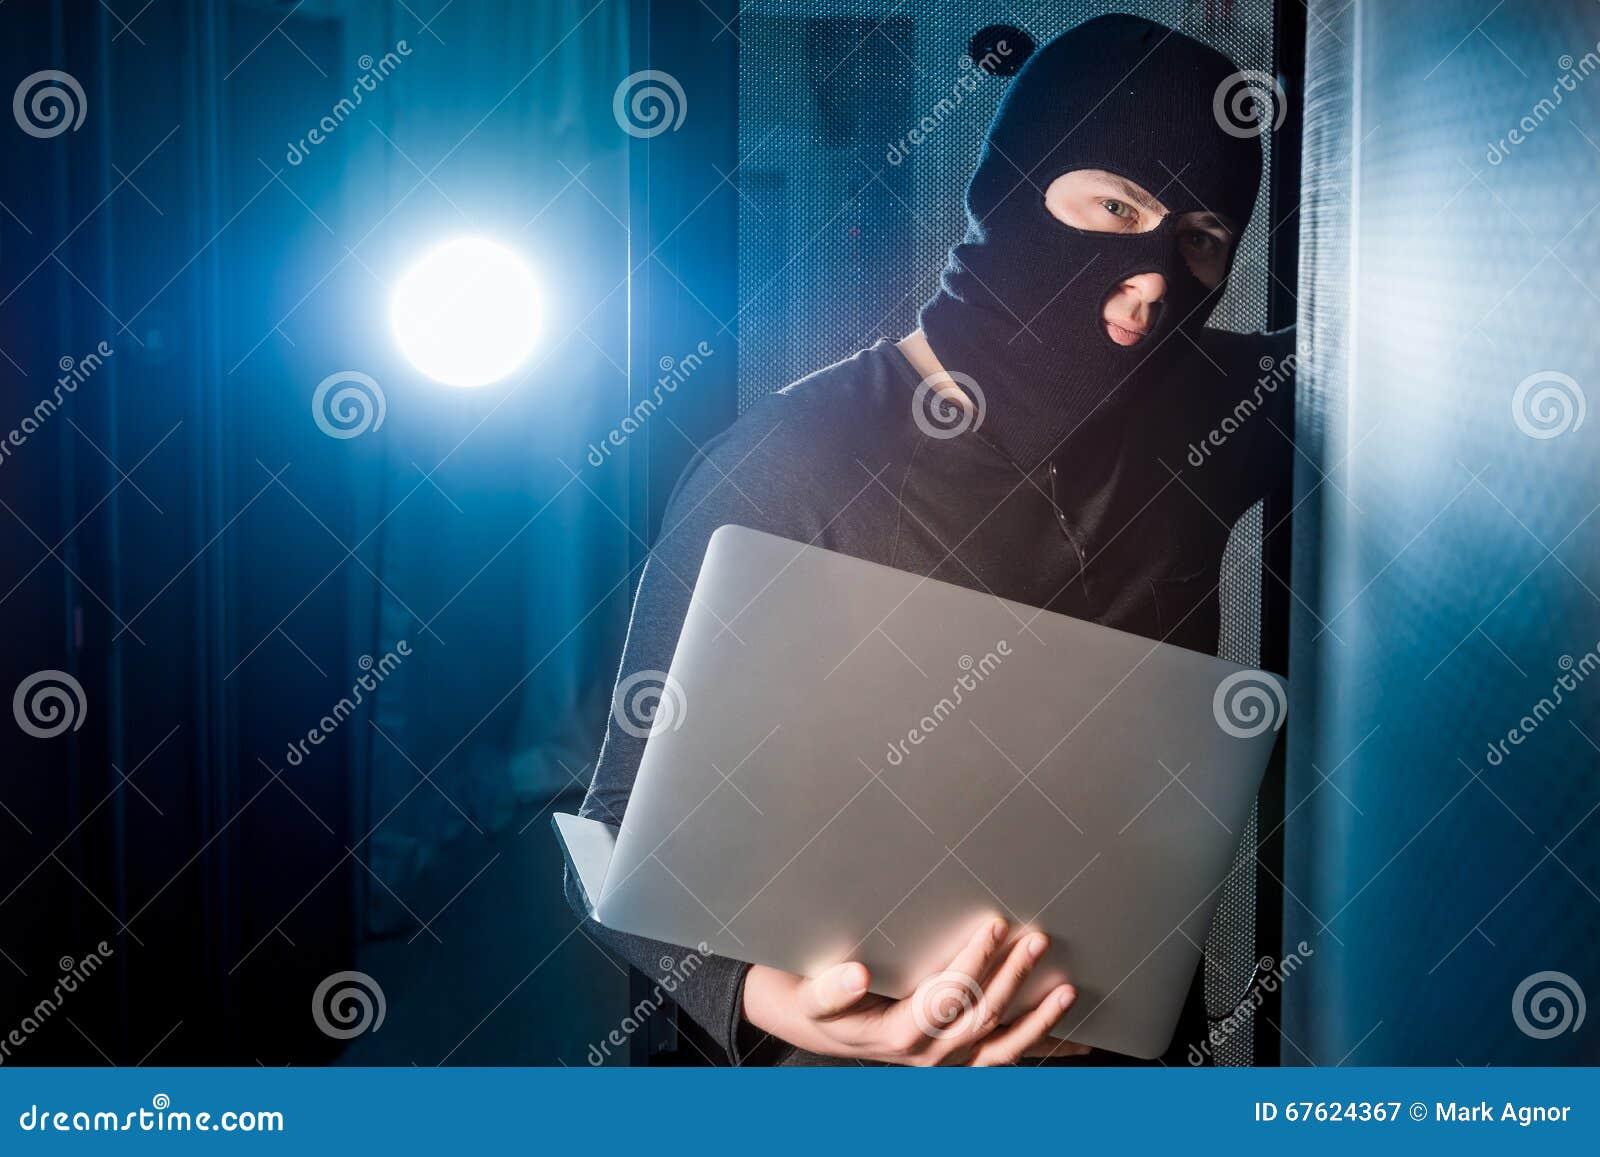 Хакер в datacenter